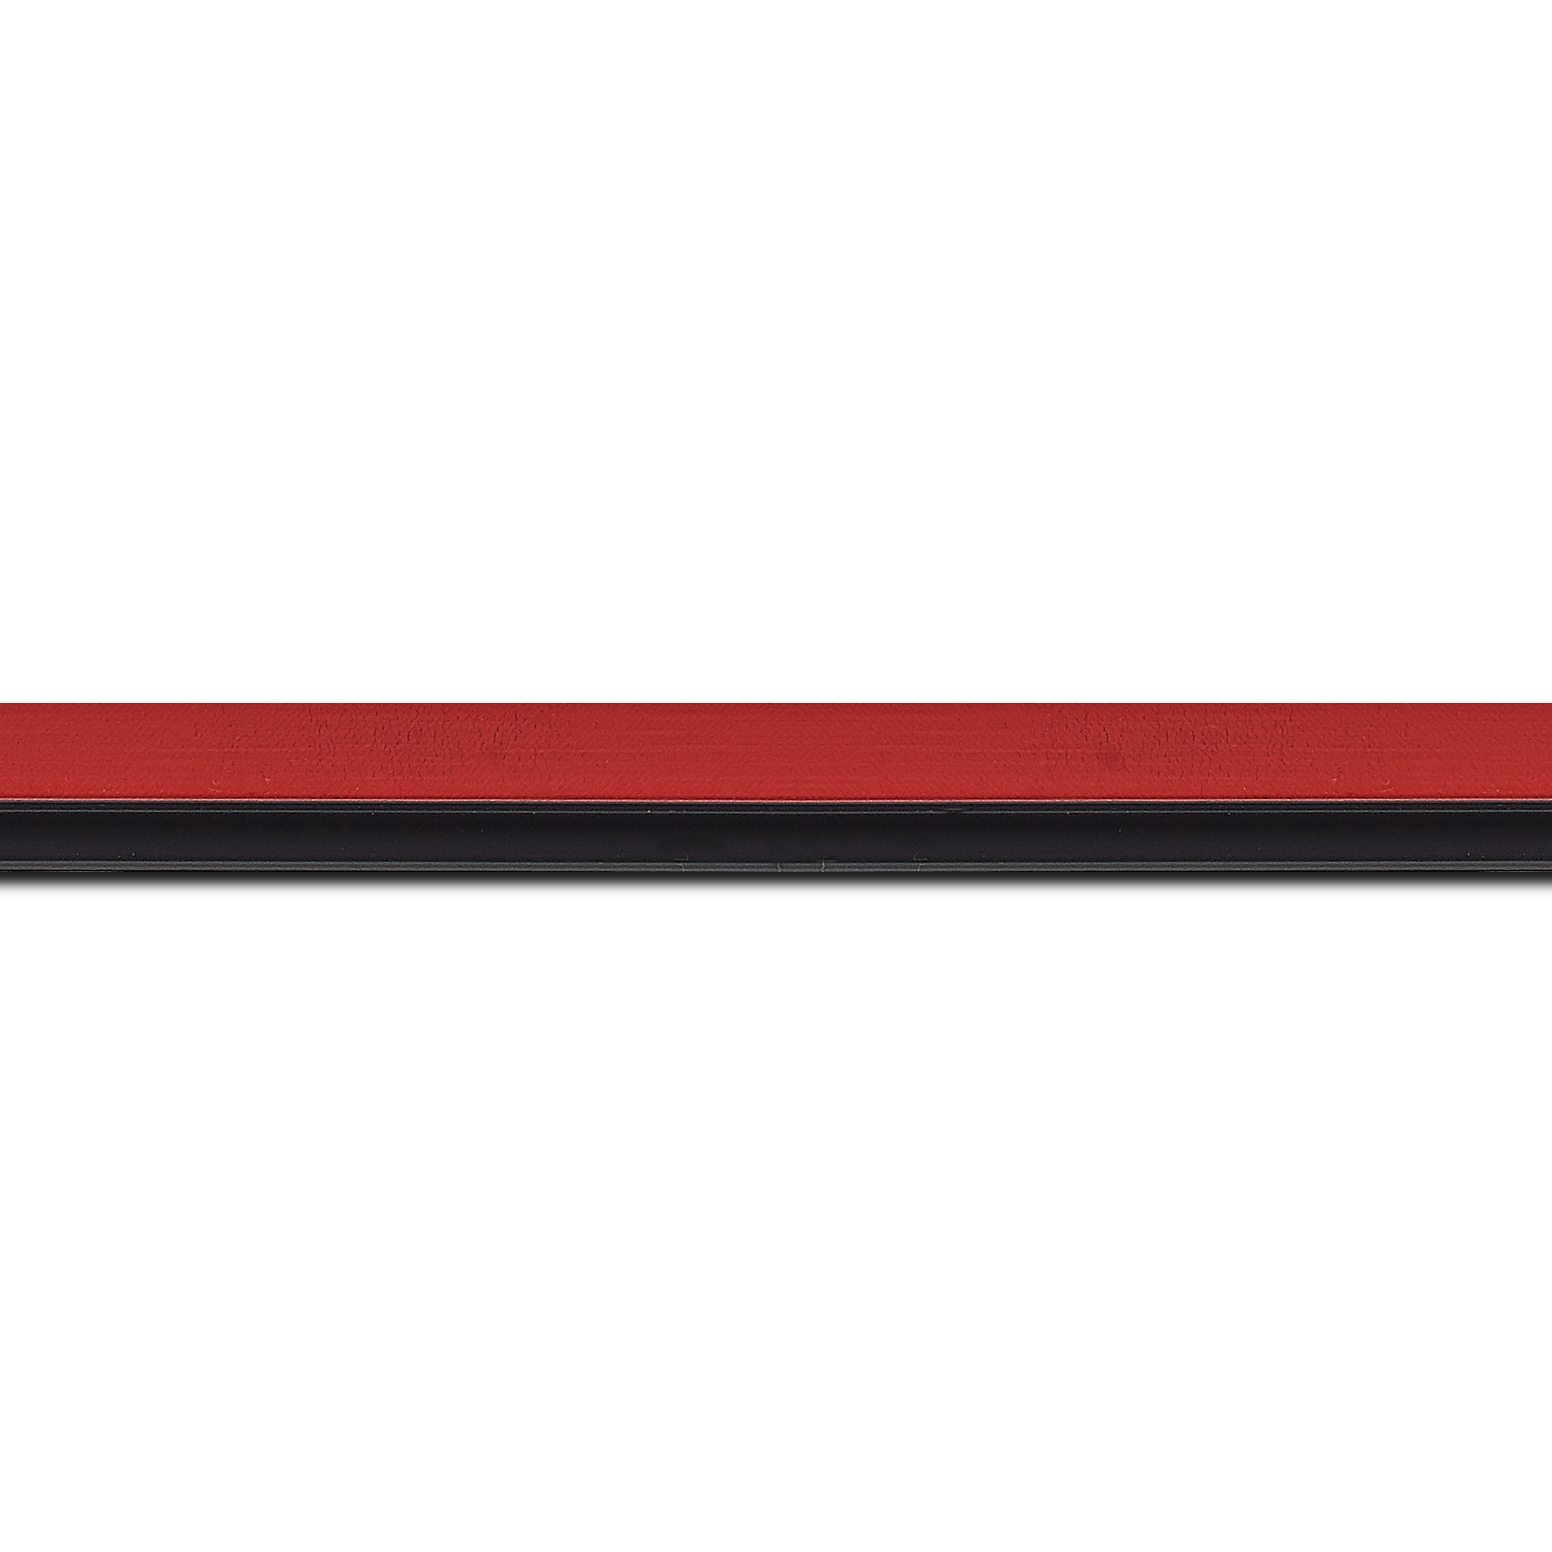 Pack par 12m, bois profil plat largeur 1.6cm couleur rouge satiné filet noir en retrait de la face du cadre de 6mm assurant un effet très original (longueur baguette pouvant varier entre 2.40m et 3m selon arrivage des bois)